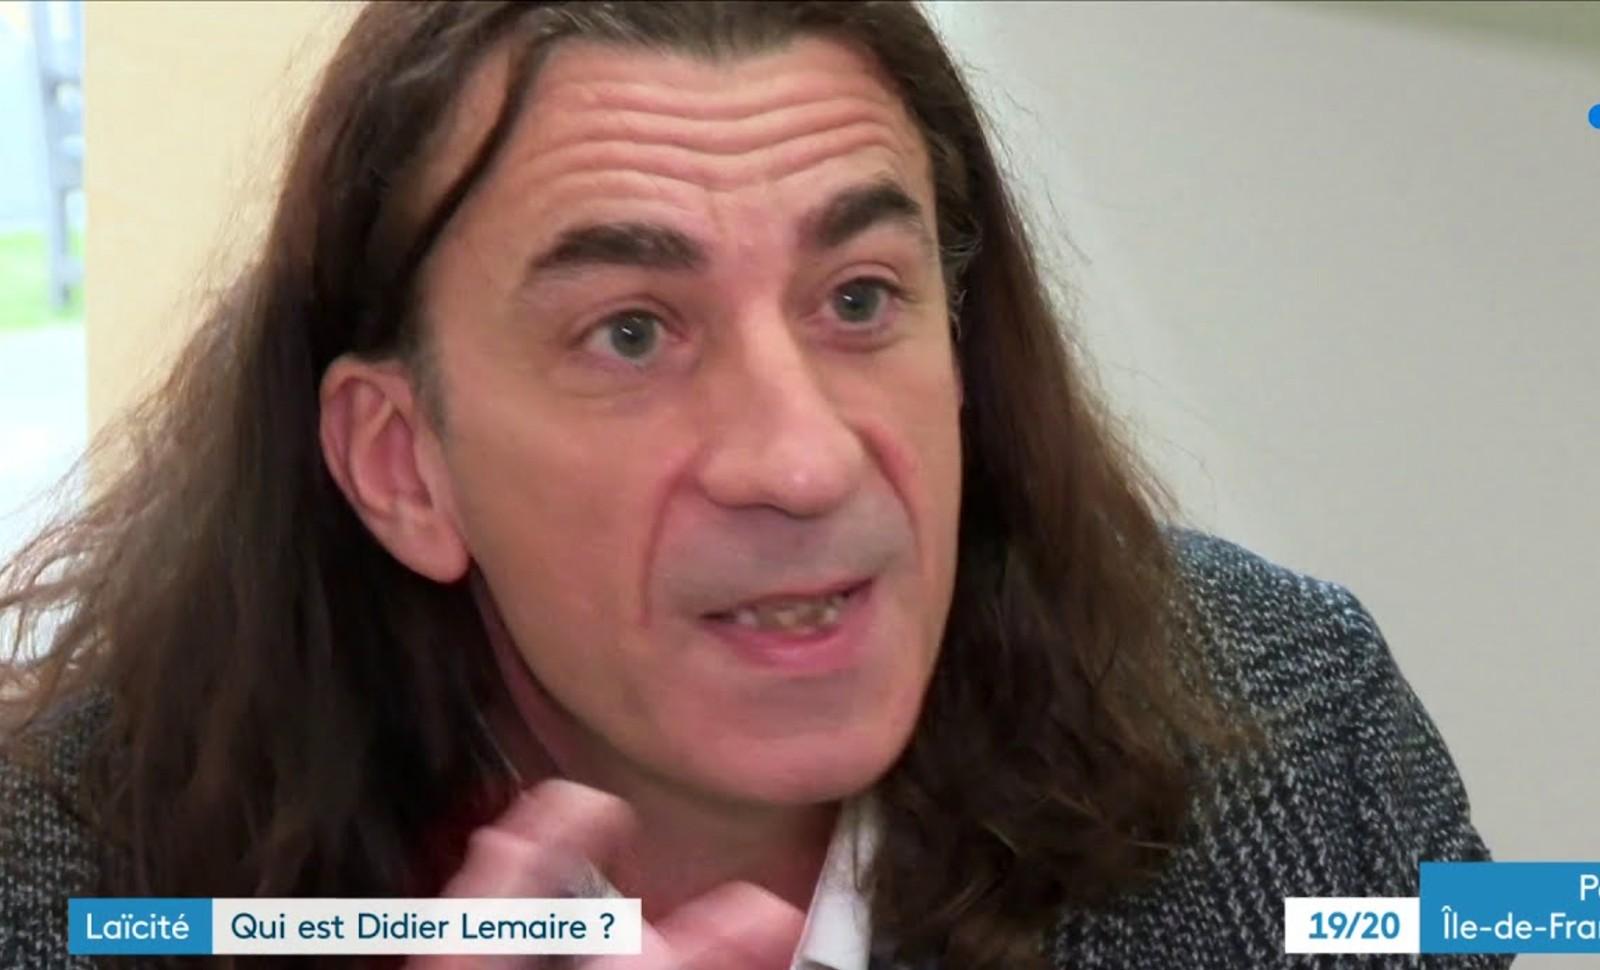 Didier Lemaire sur France 3. Image: capture d'écran